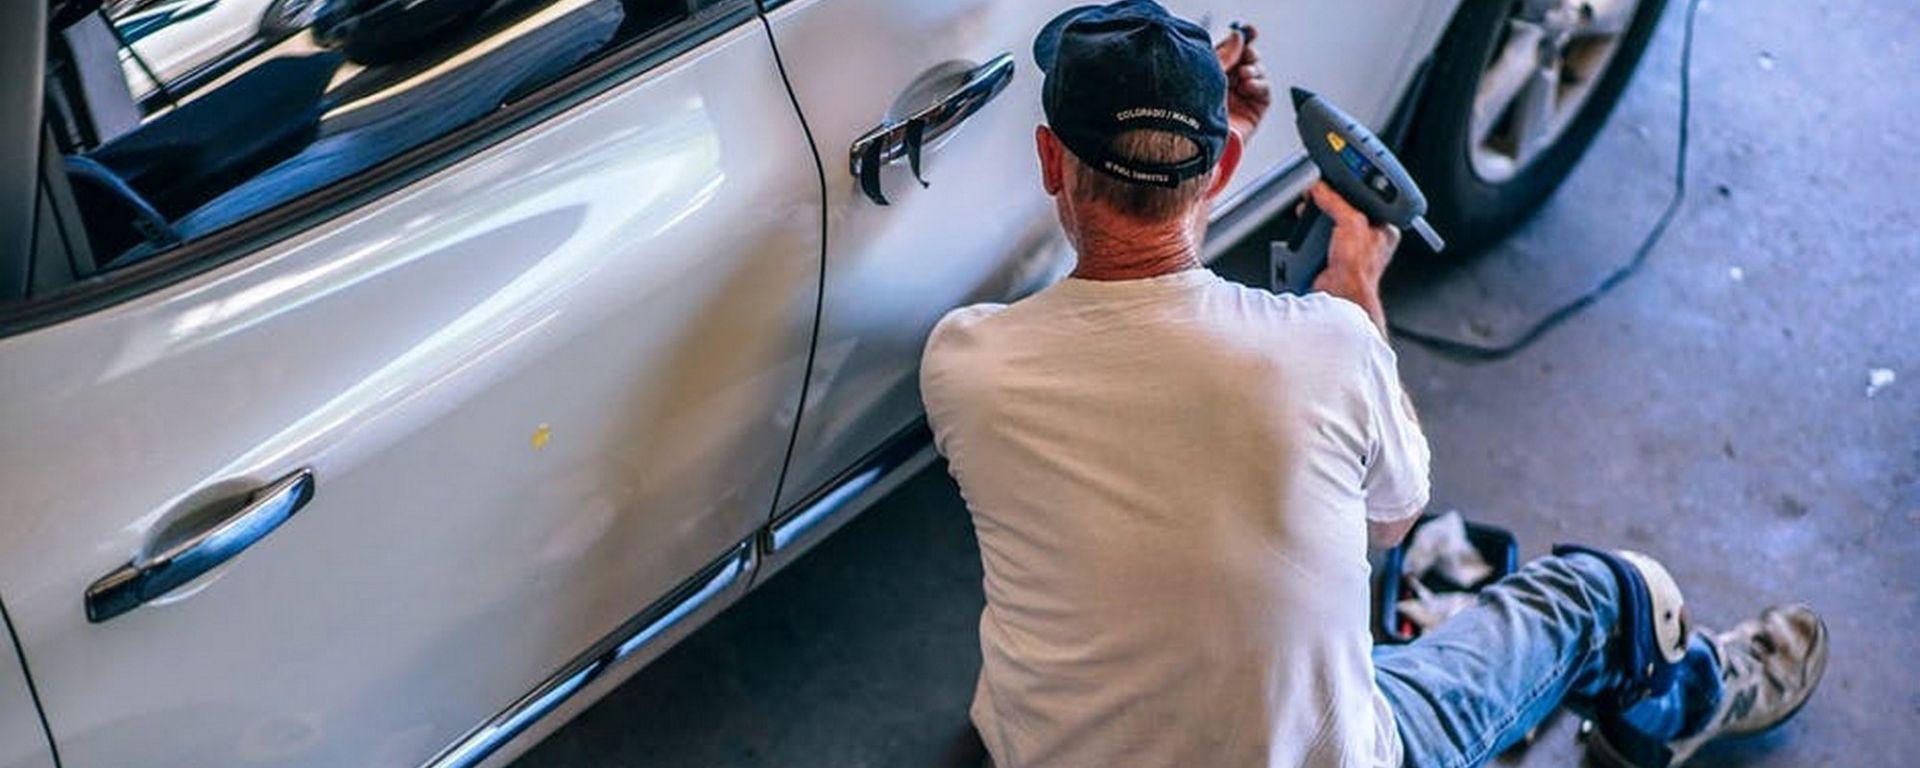 Ricambi auto originali, prezzi in crescita